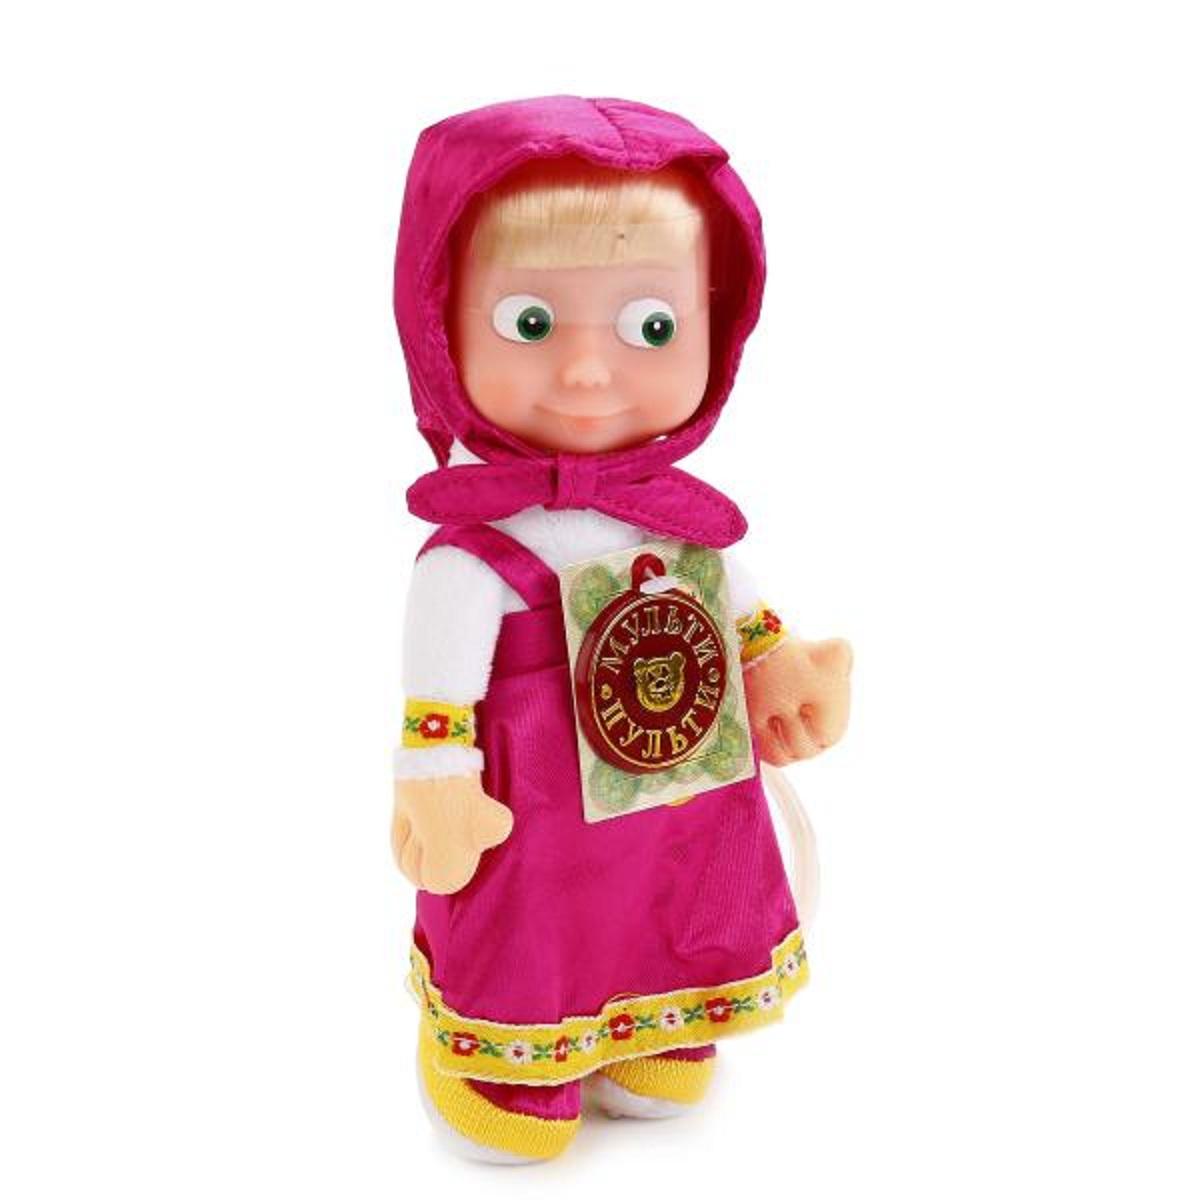 Купить Мягкая игрушка Маша и Медведь – Маша, 22 см, Мульти-Пульти